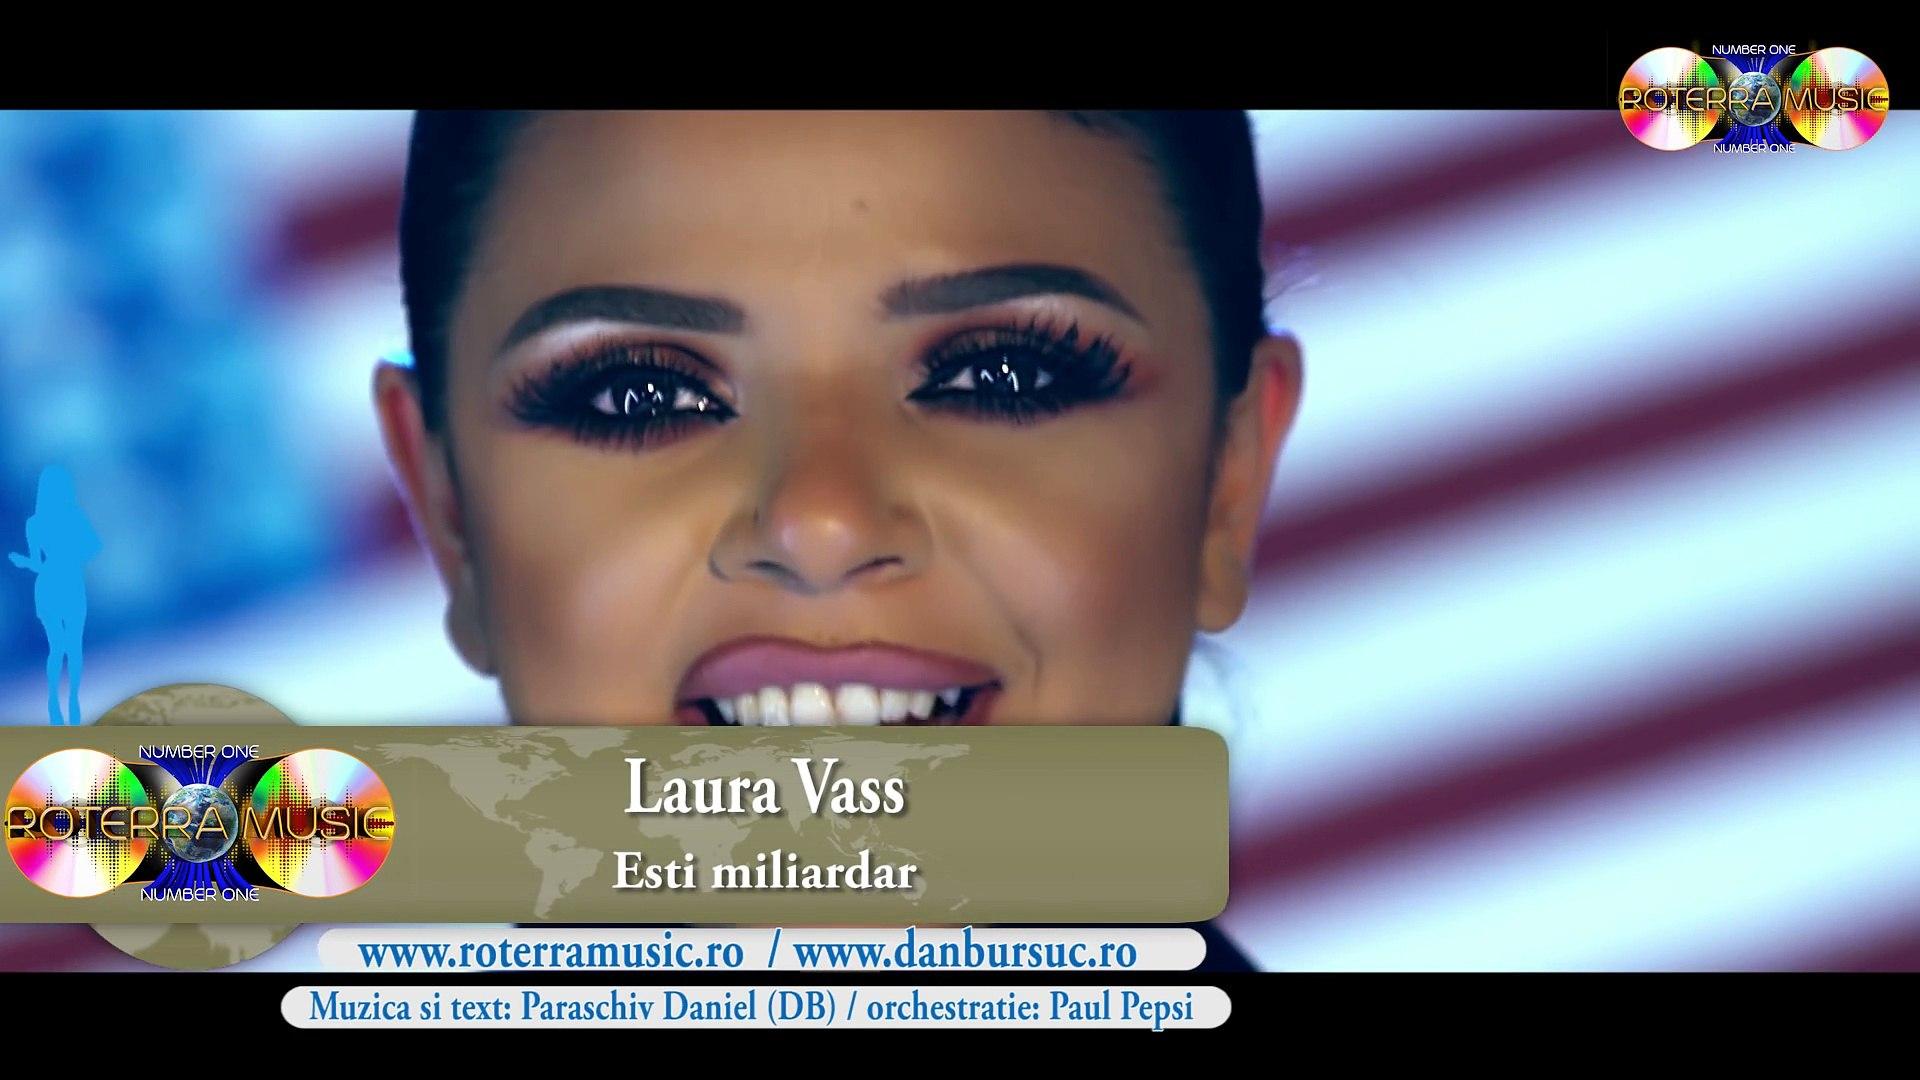 Laura Vass - Esti miliardar (Official video) 2018